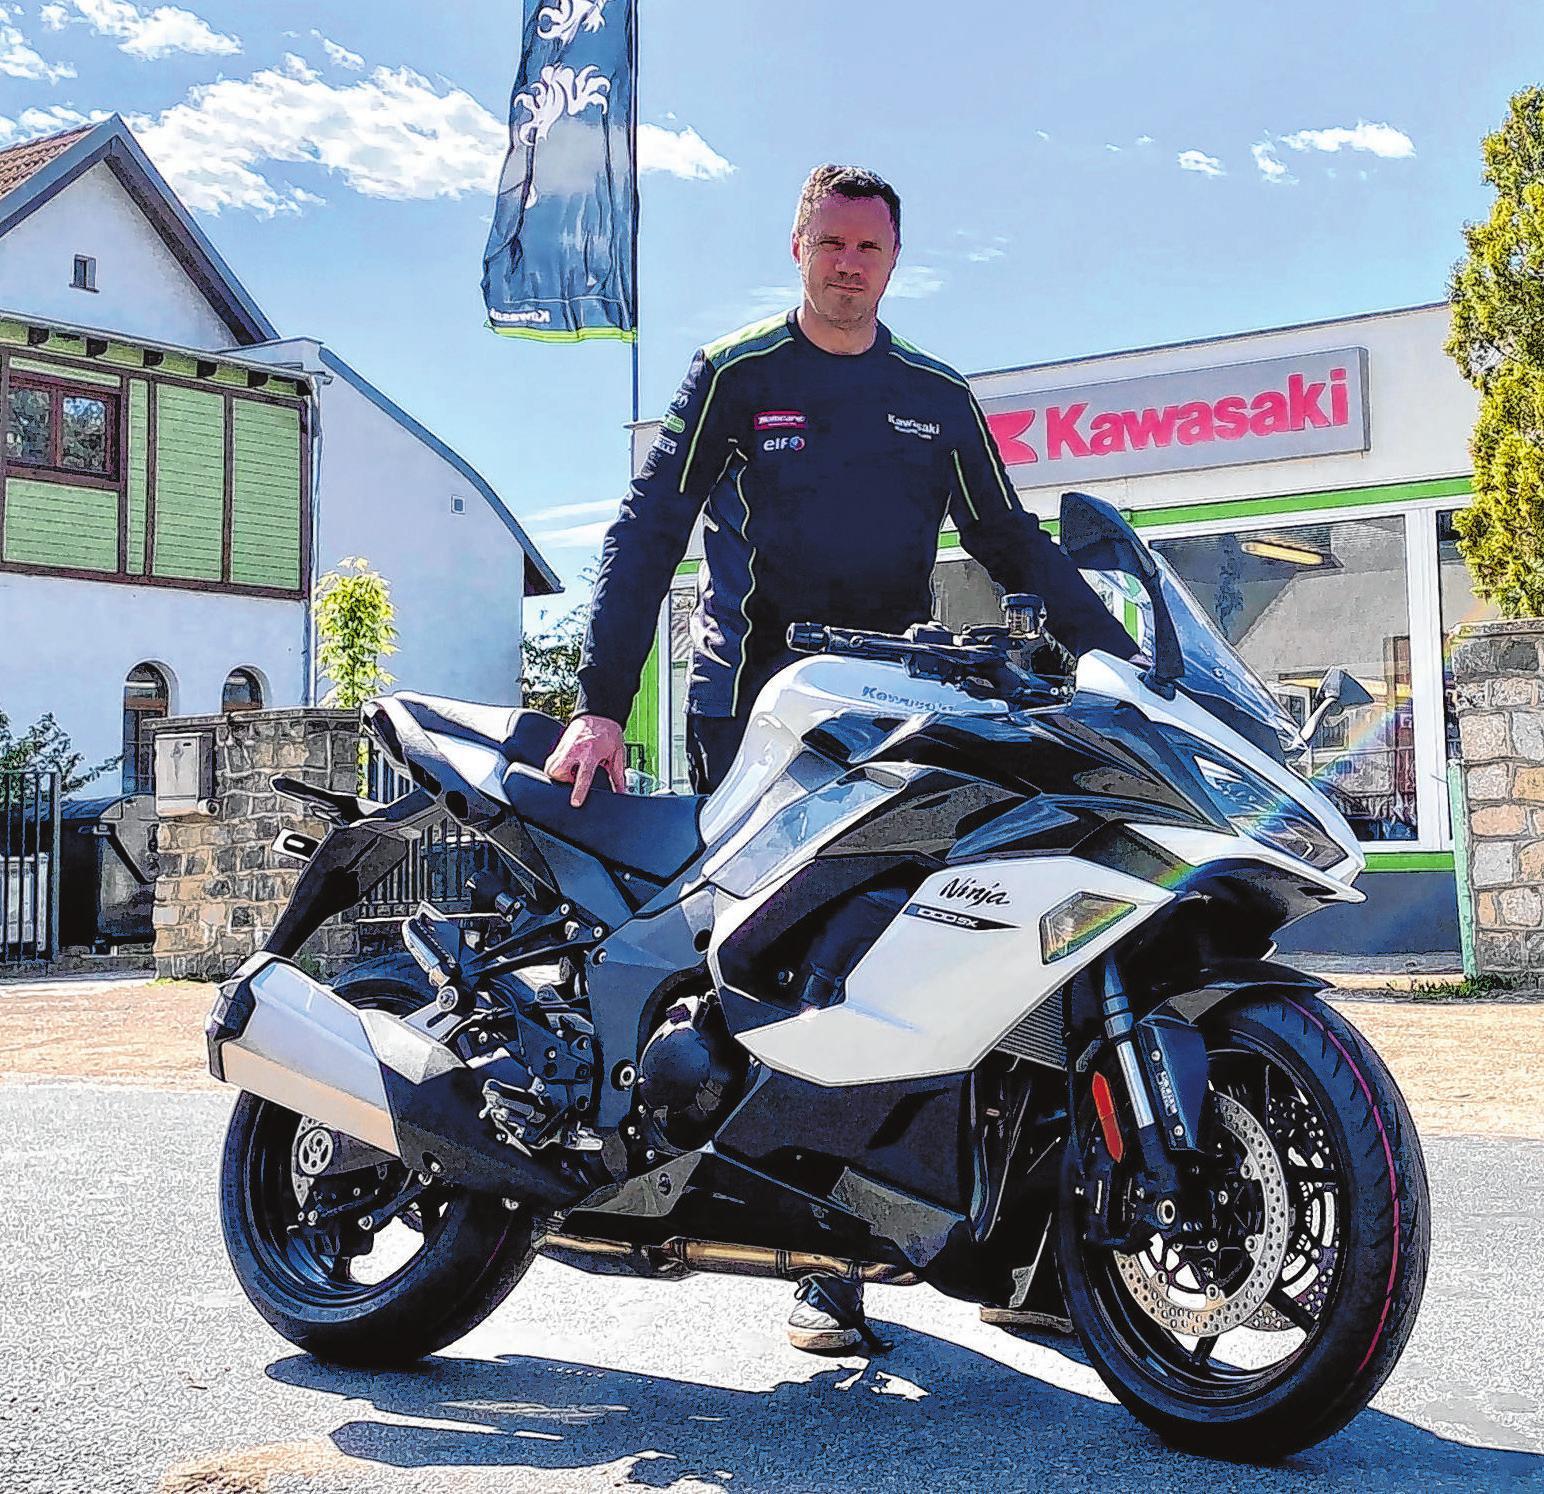 Toralf Krause vom gleichnamigen Motorradservice zeigt in der Fürstenwalder Kawasaki Filiale die neue NINJA 1000SX in der Ausführung Pearl Blizzard White. Die Ninja wird auch als Tourer angeboten. Traktionskontrolle und Cruise Control inklusive.